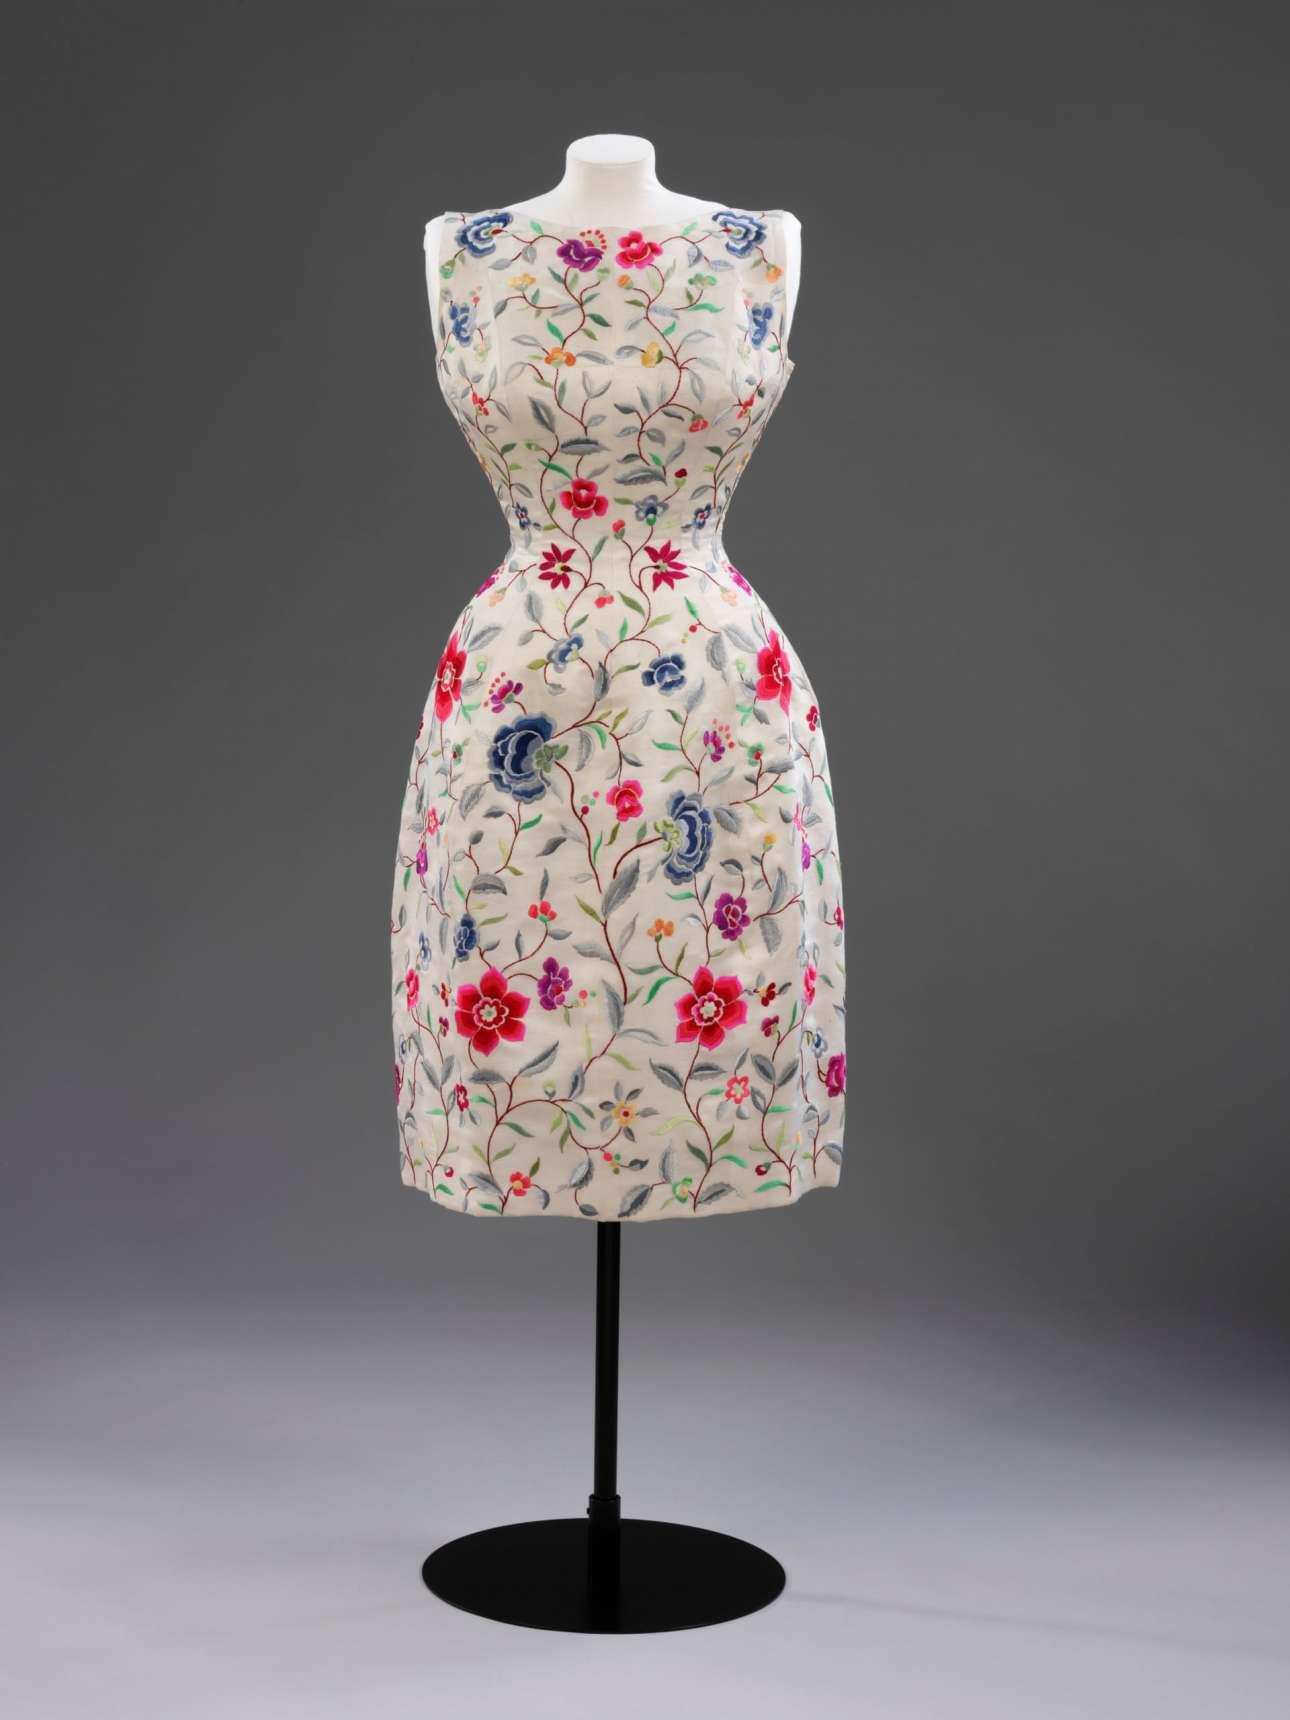 Μεταξωτό βραδινό φόρεμα με υπέροχα κεντημένα λουλούδια και θαυμάσιο σχήμα